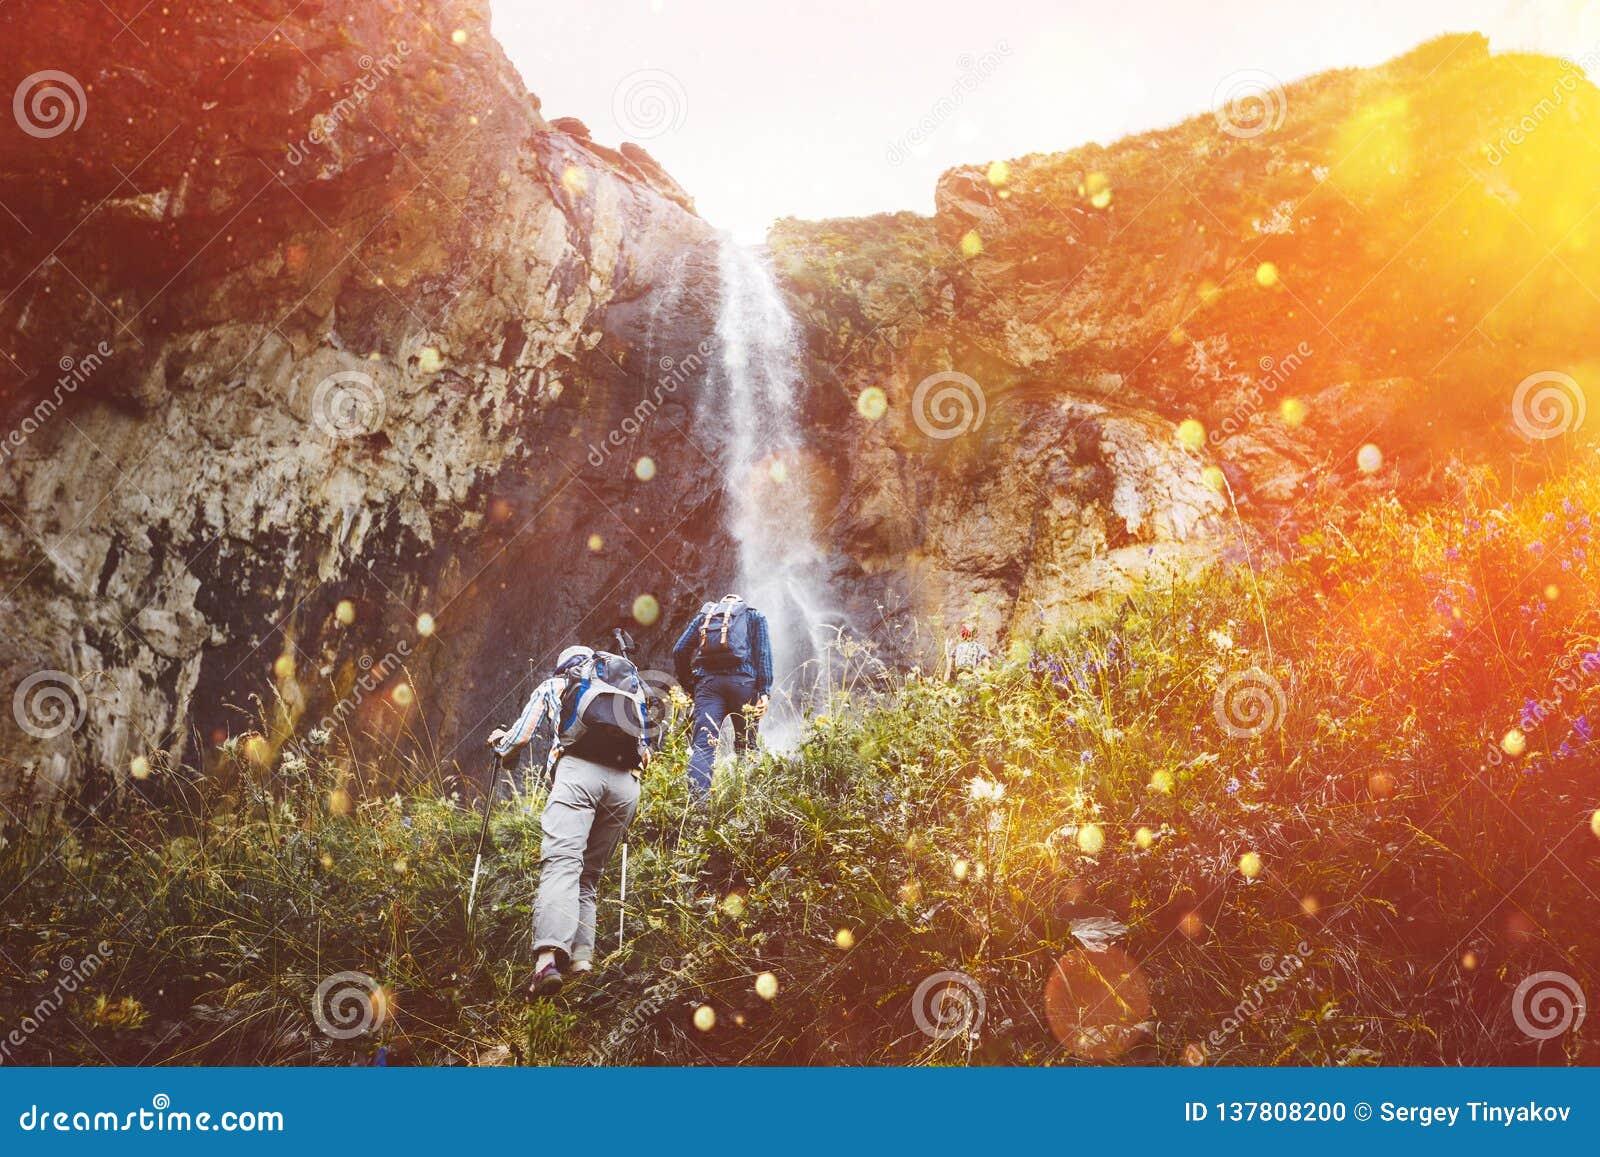 Groep toeristen die bergop aan Waterval met zonlicht lopen Het Openluchtconcept van het reisavontuur